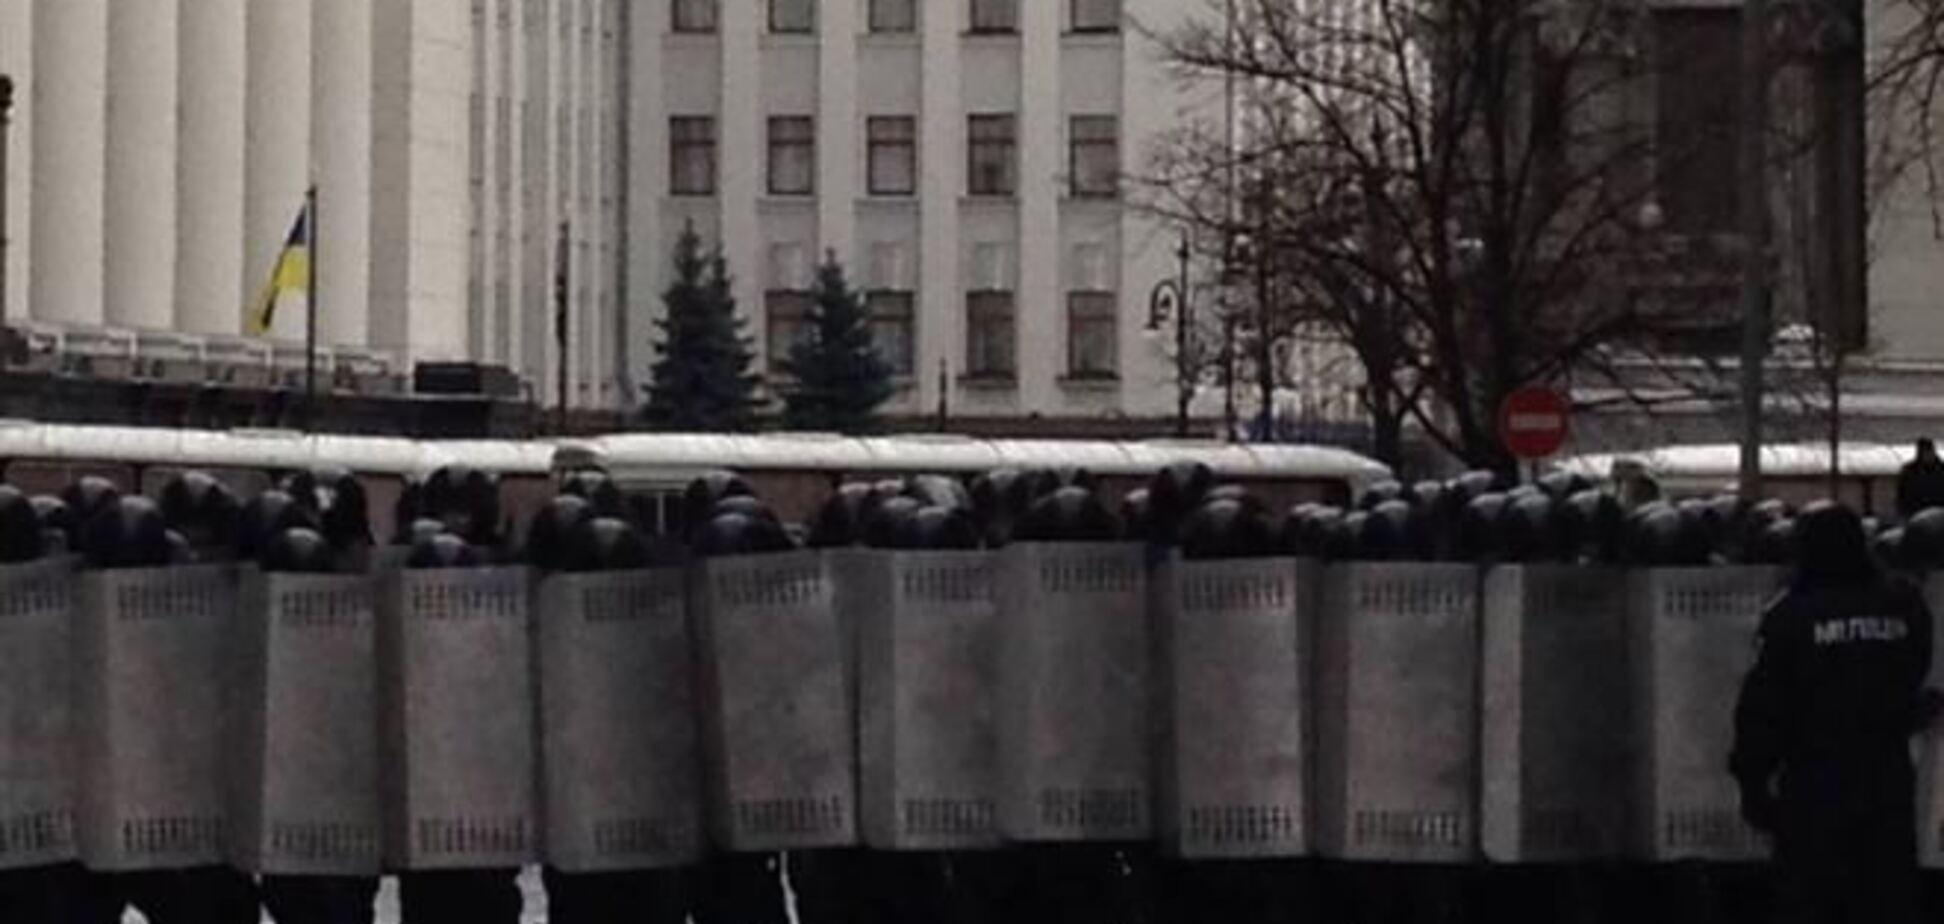 Улицы Грушевская, Садовая и Липская заблокированы микроавтобусами с 'Беркутом'